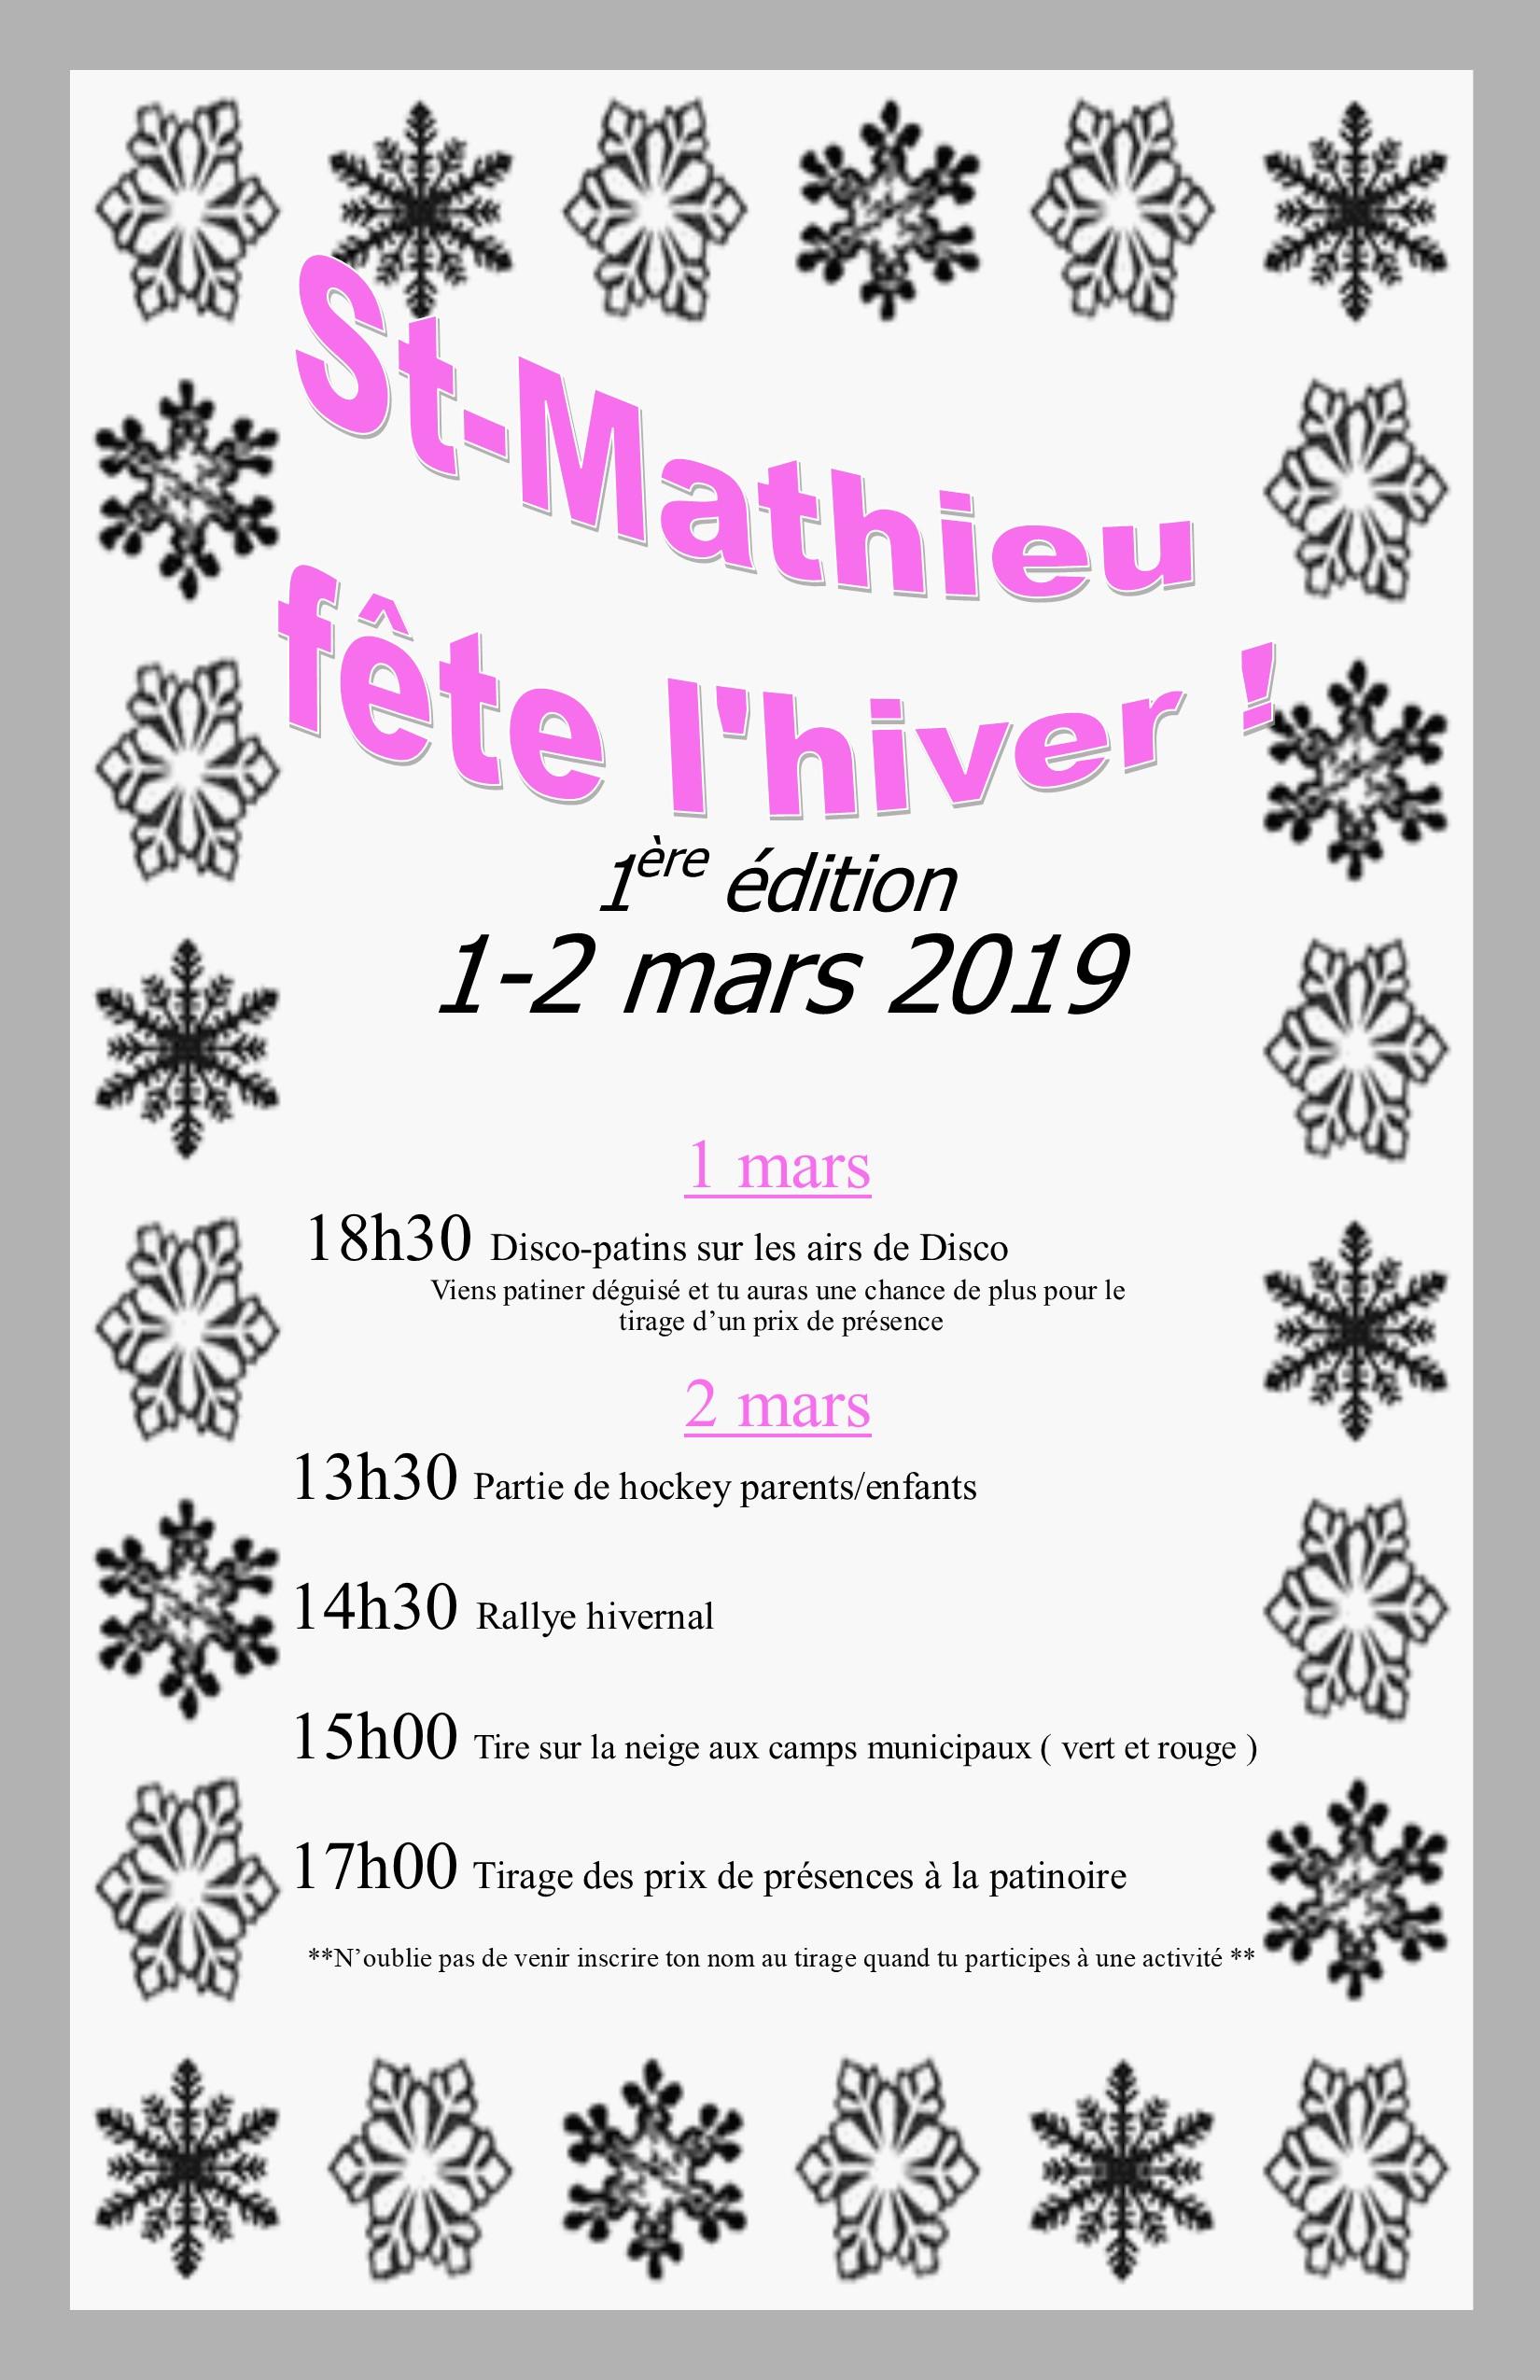 St-mathieu-fete-l-hiver